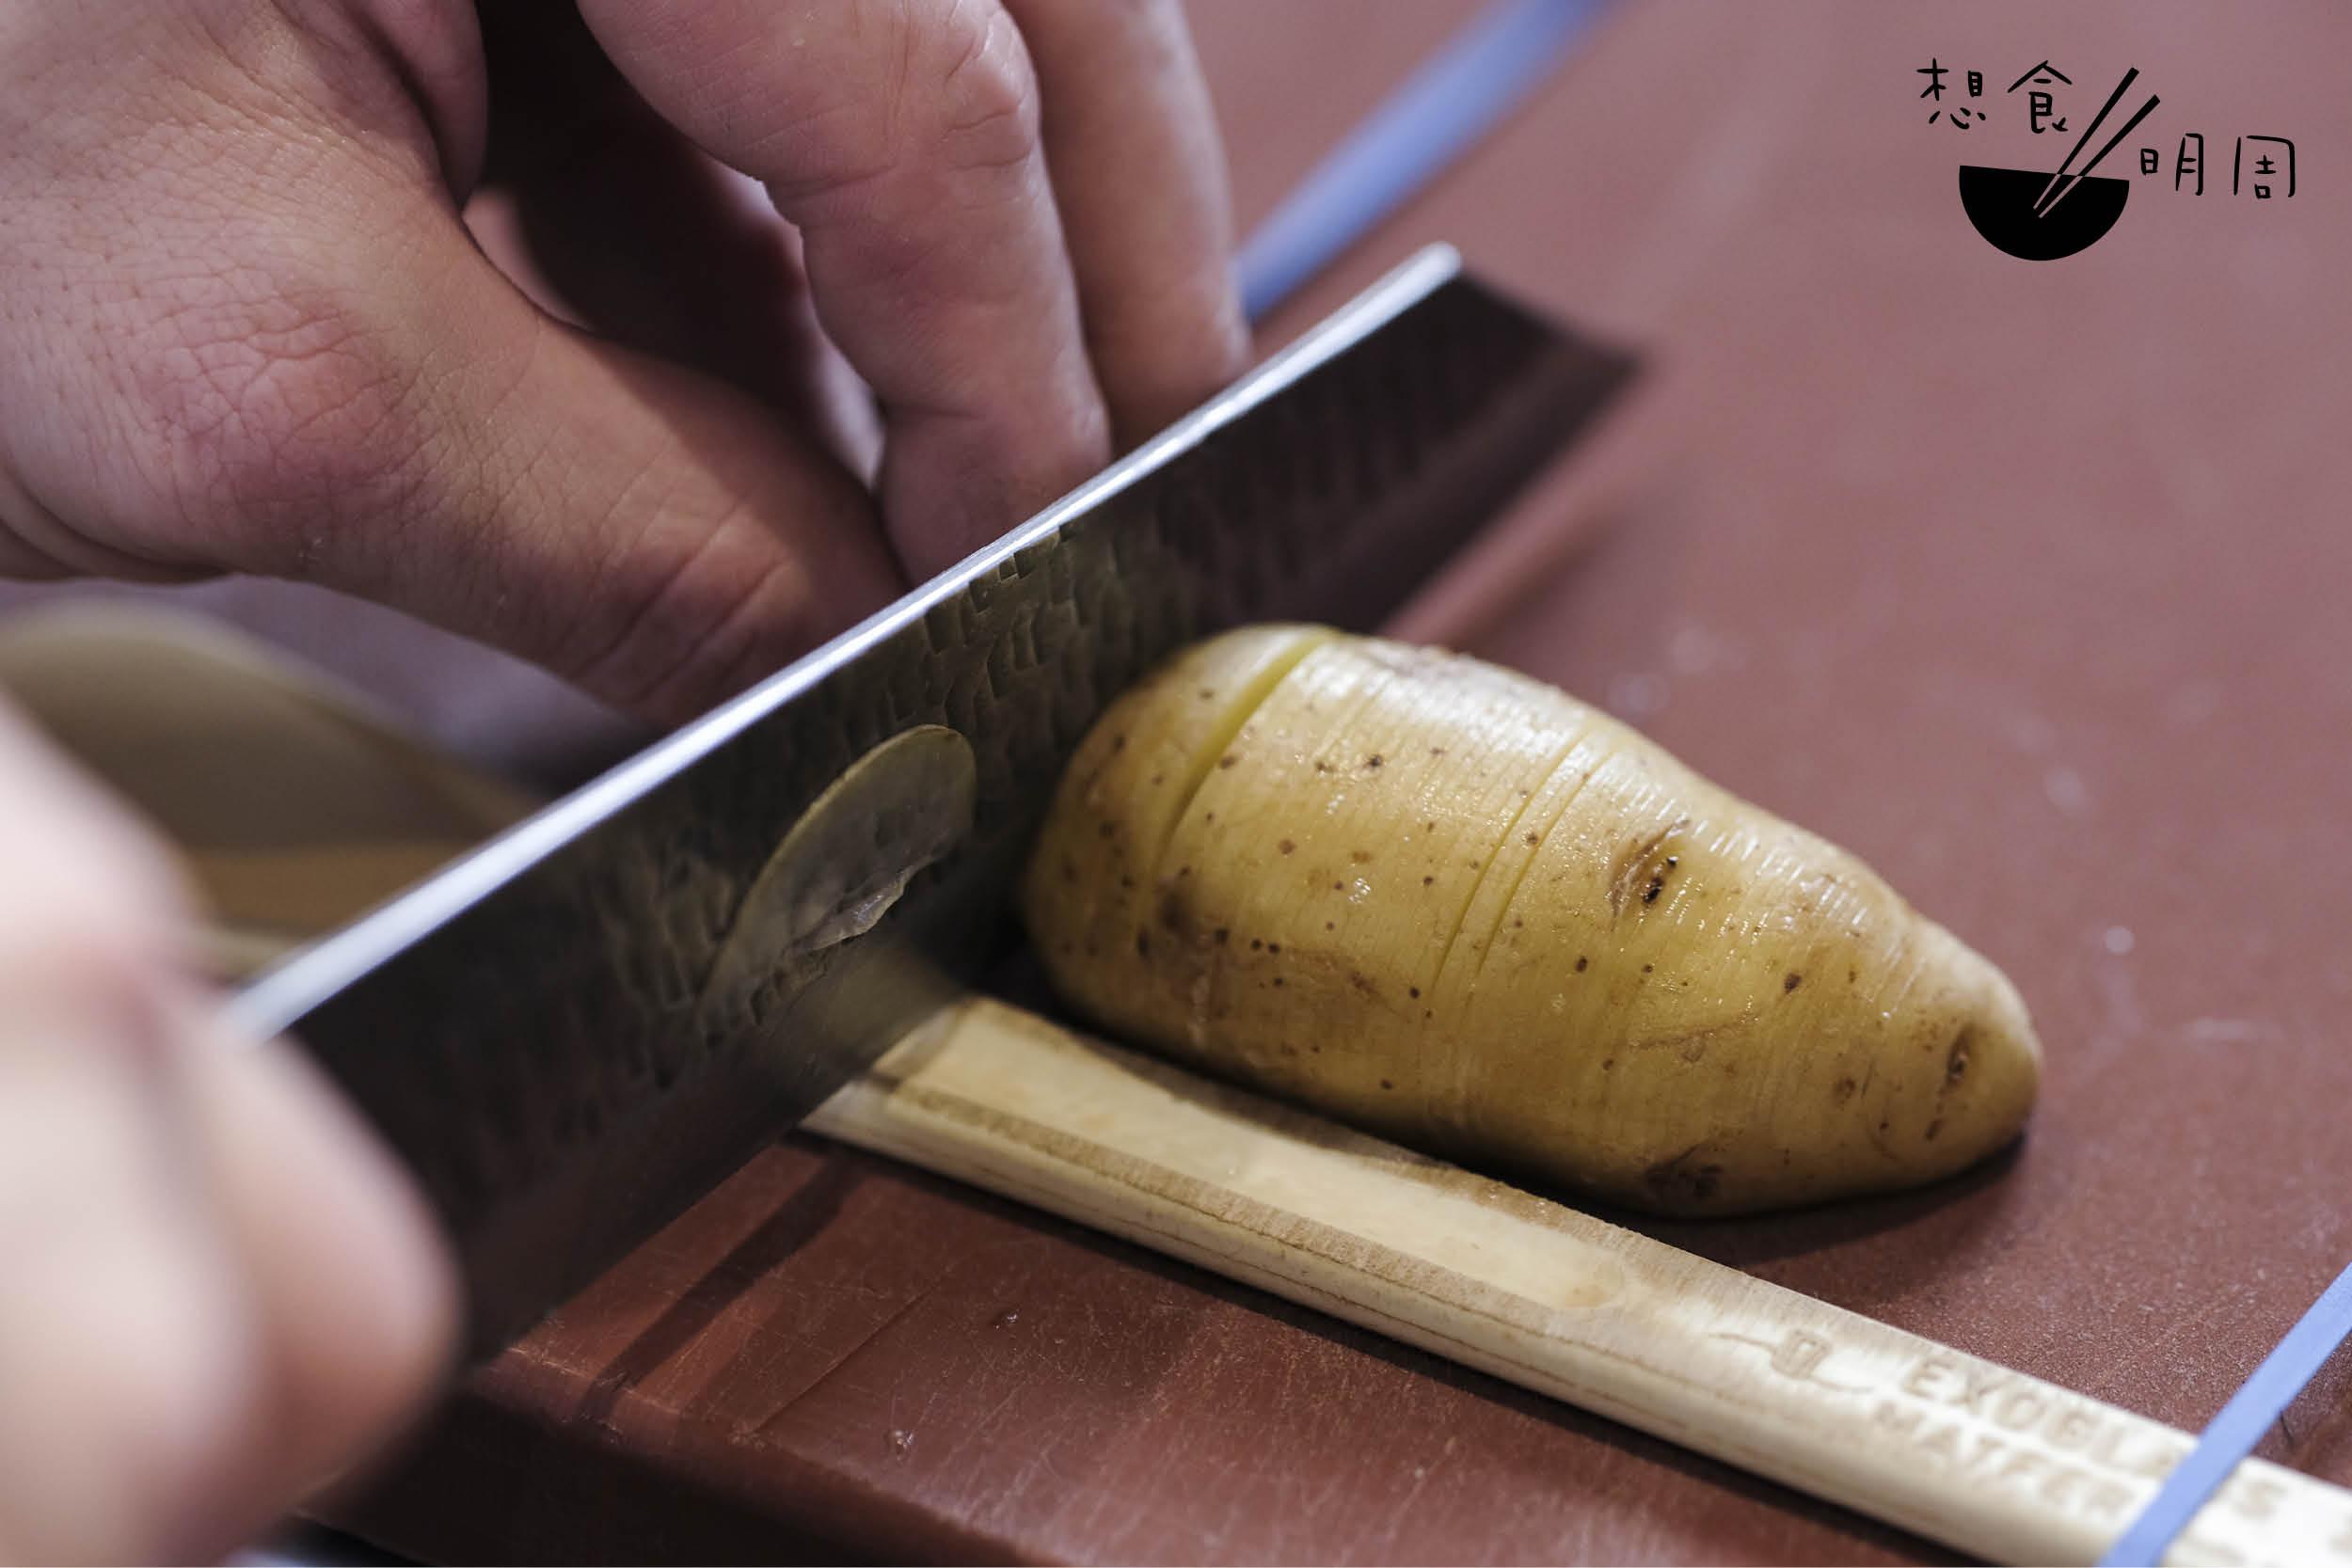 砧板上事先架設兩條木條,再把薯仔放於其中快刀切片。木條使刀刃保持凌空不到底,